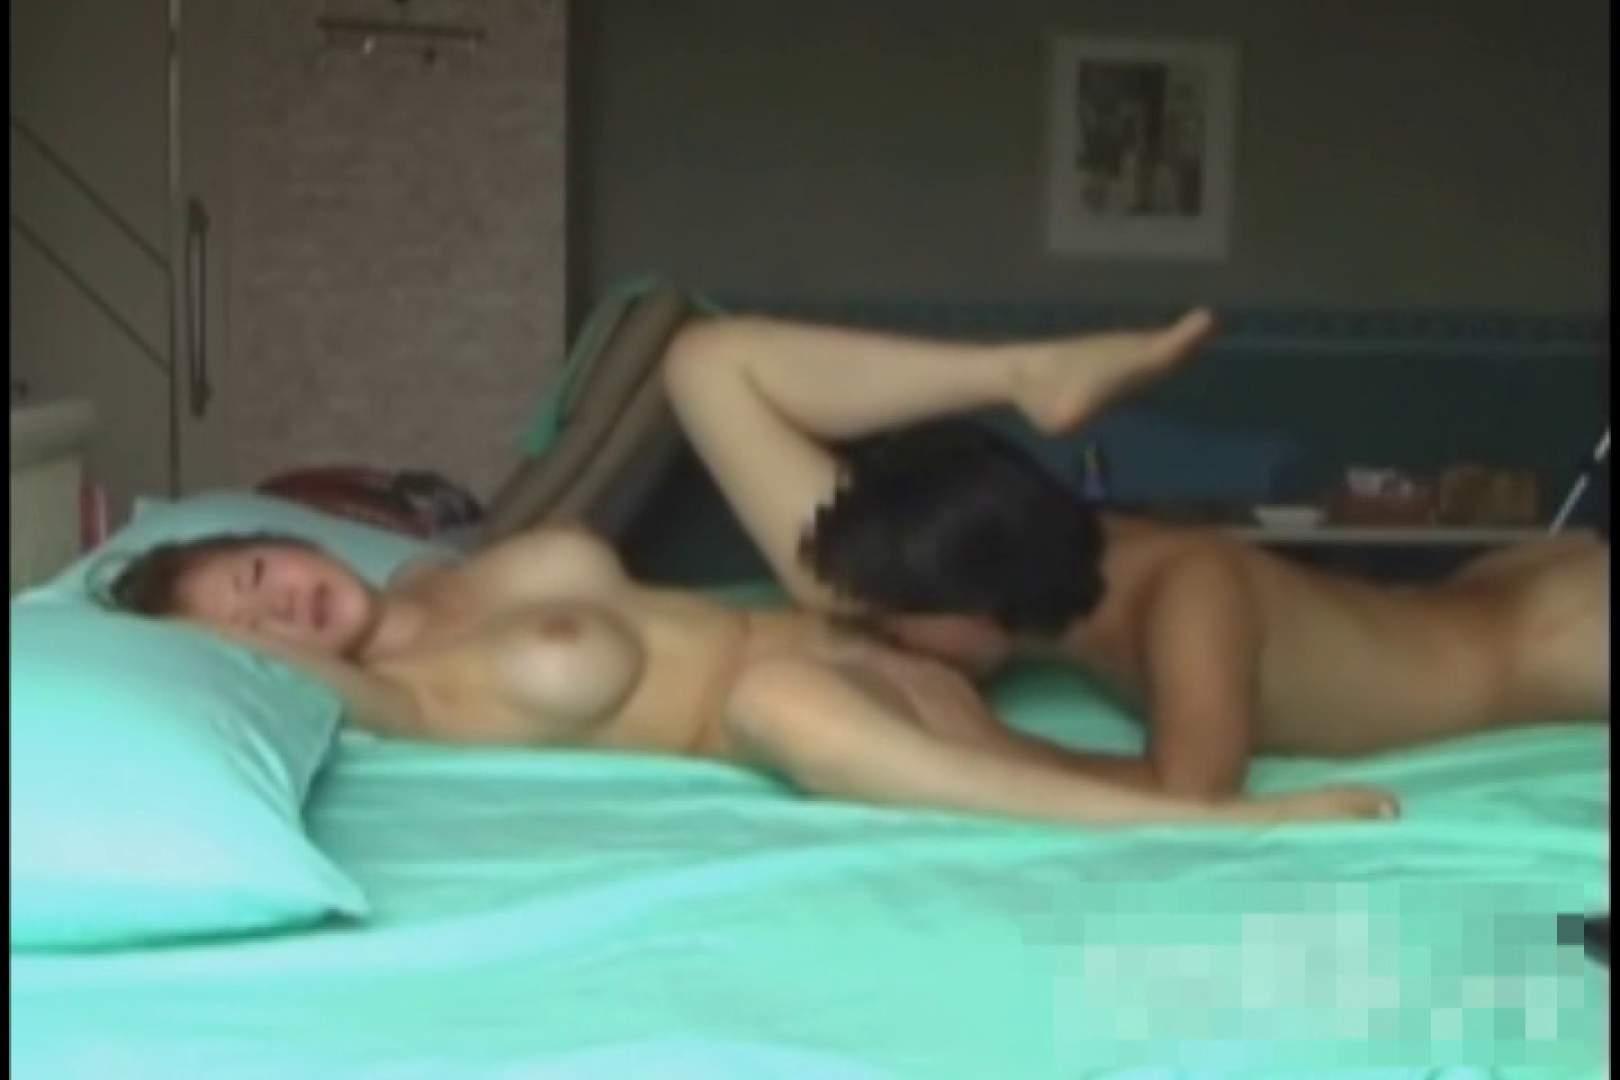 淫乱嬢レミちゃんとハメ撮りSEX 巨乳デカ乳 | 一般投稿  82画像 18